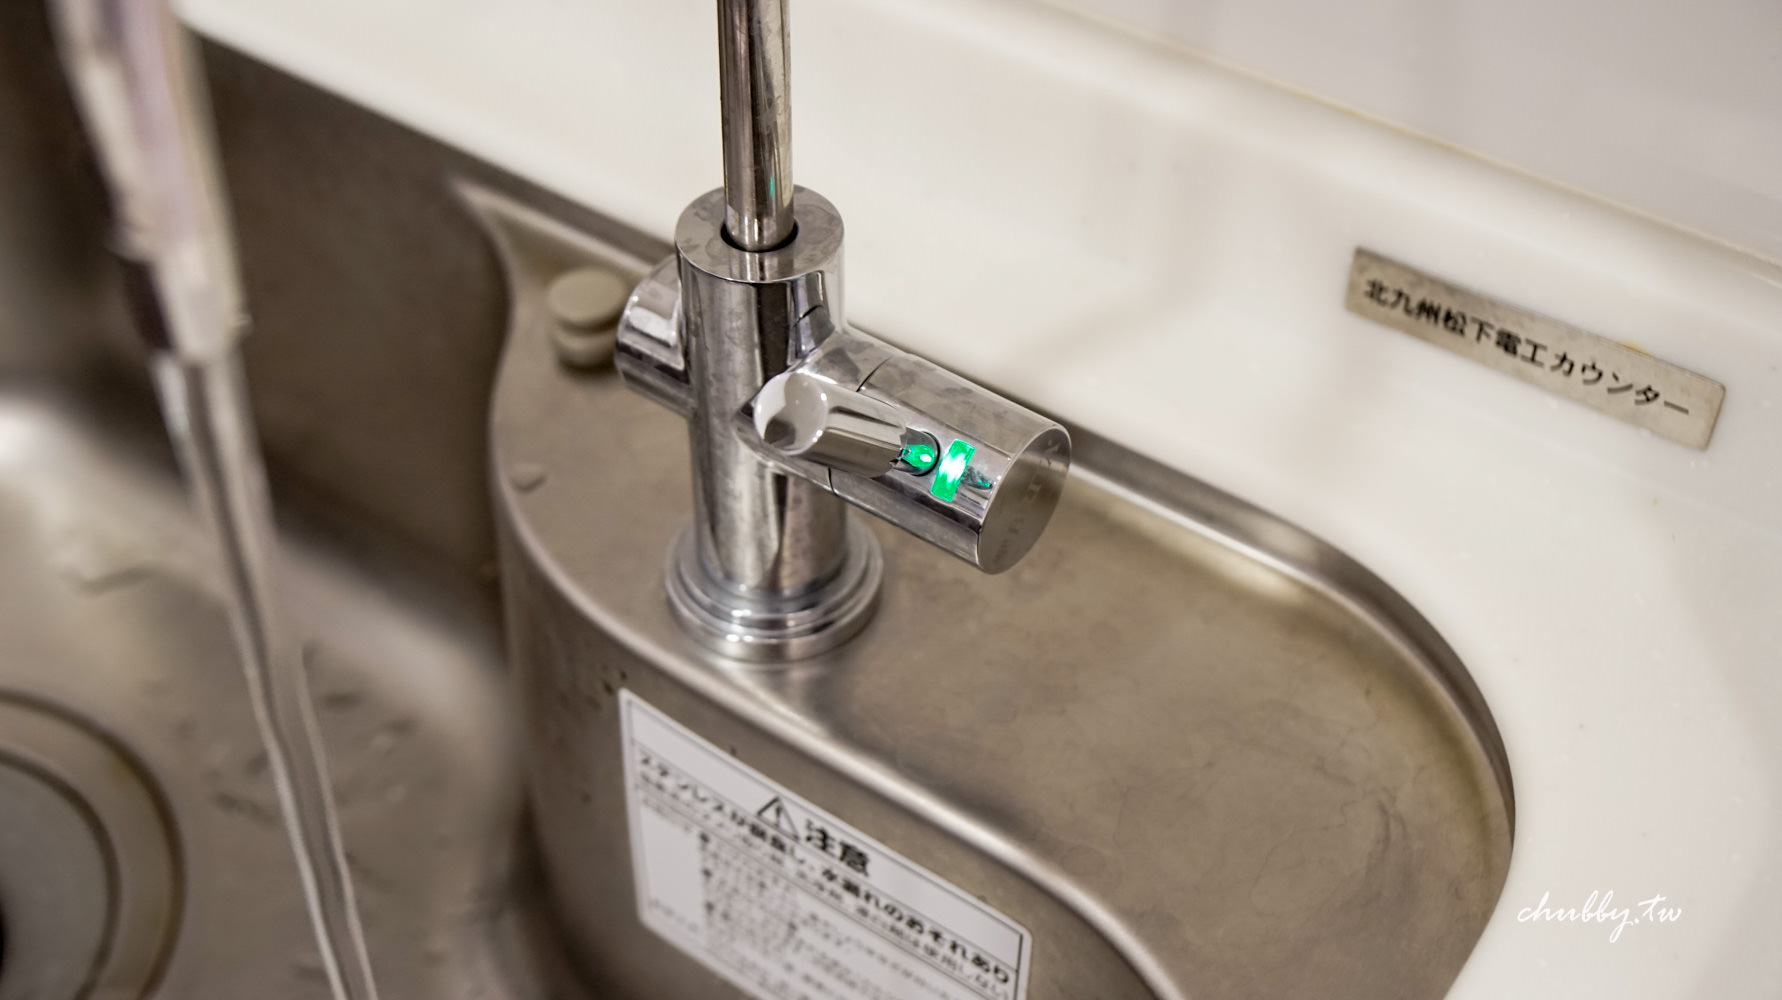 BRITA濾水器使用2個月心得:2018新推出的mypure pro V9真的好用嗎?(含各大品牌濾水器比較、濾水器挑選注意事項)